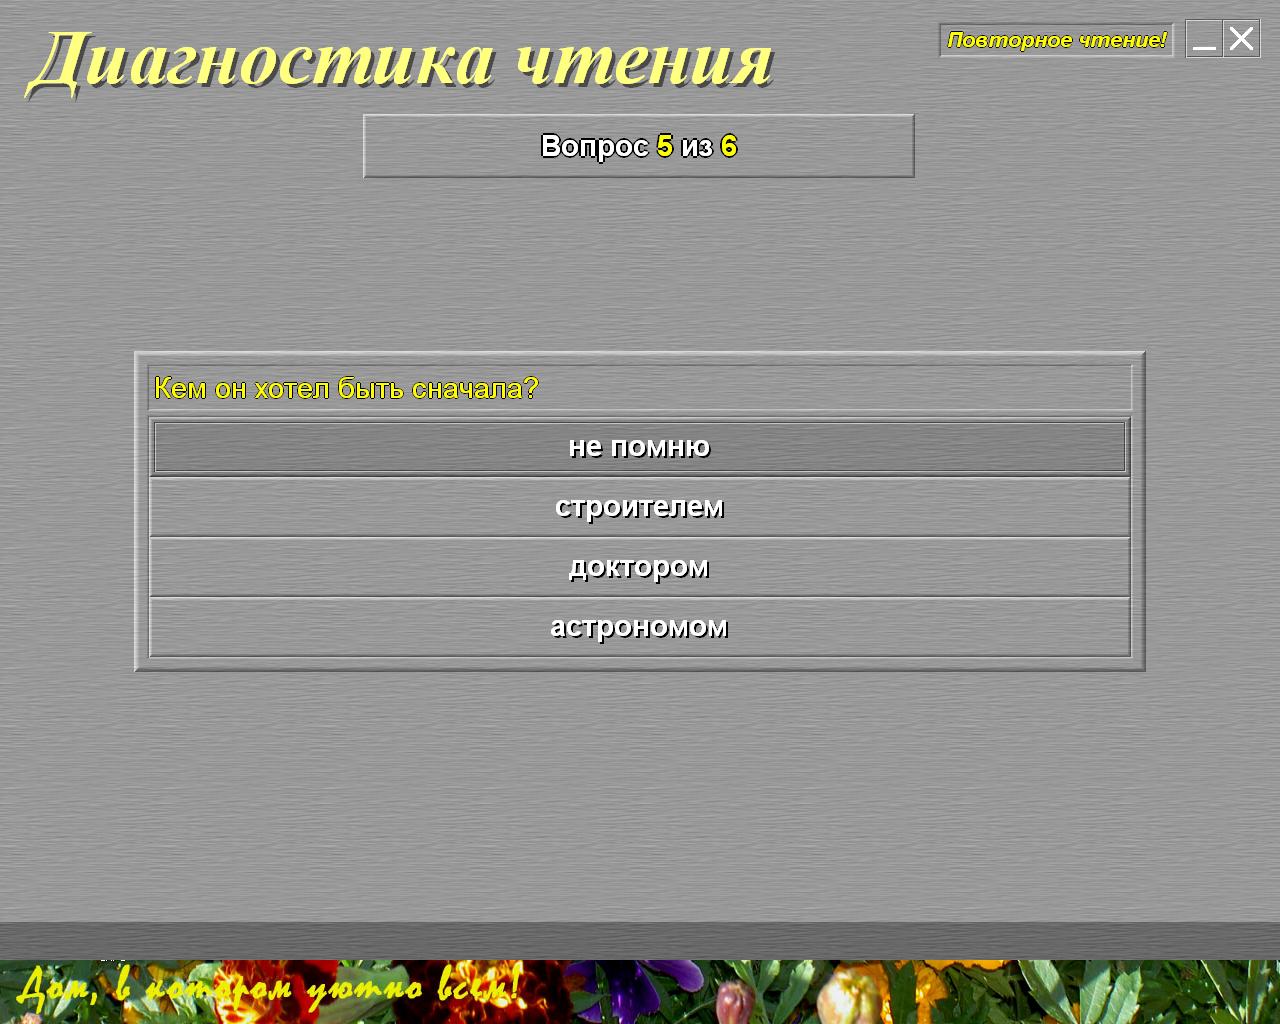 hello_html_62c8e145.png